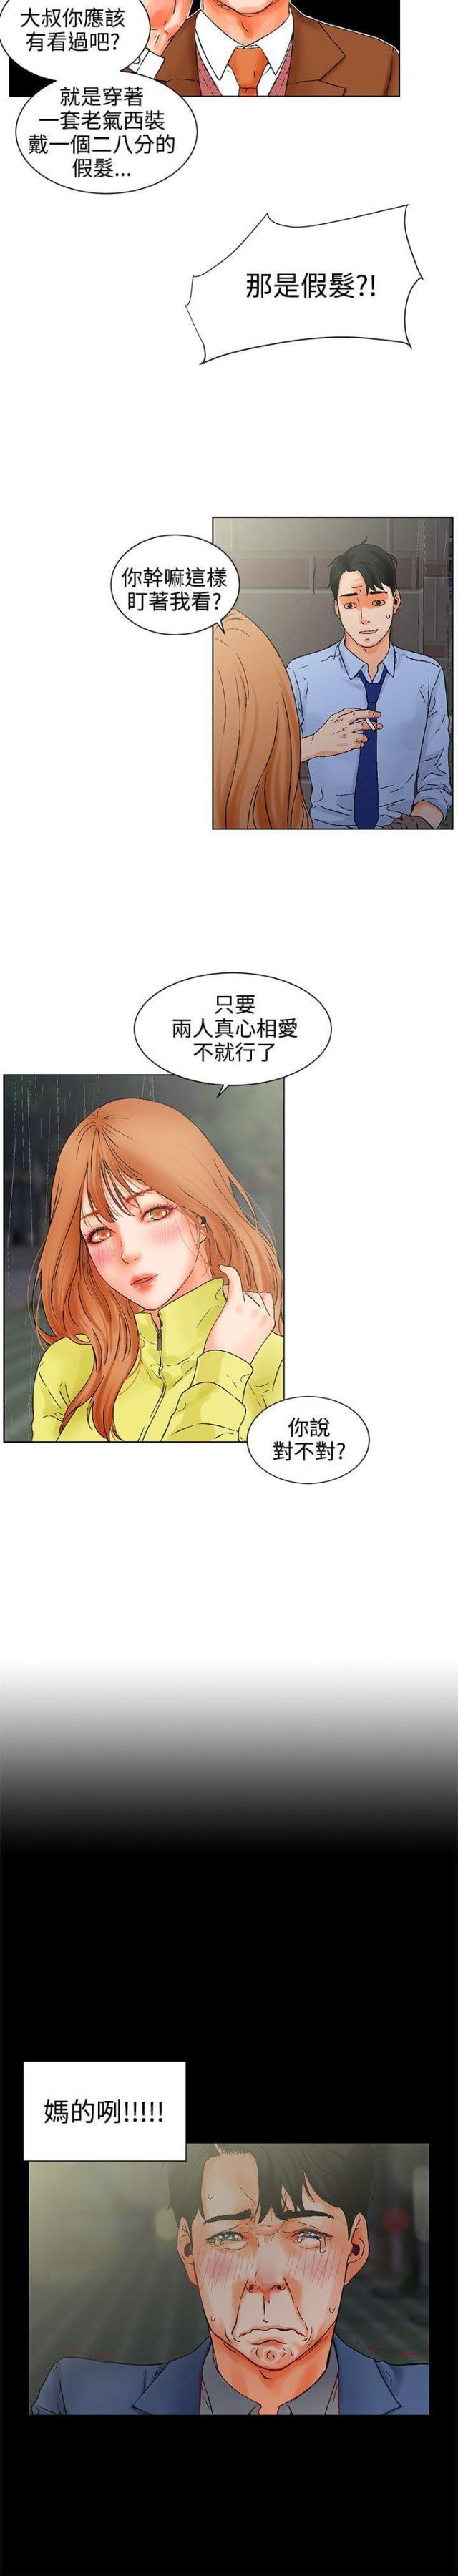 《邻家妹妹》— 完整版漫画 — 全文在线韩漫阅读